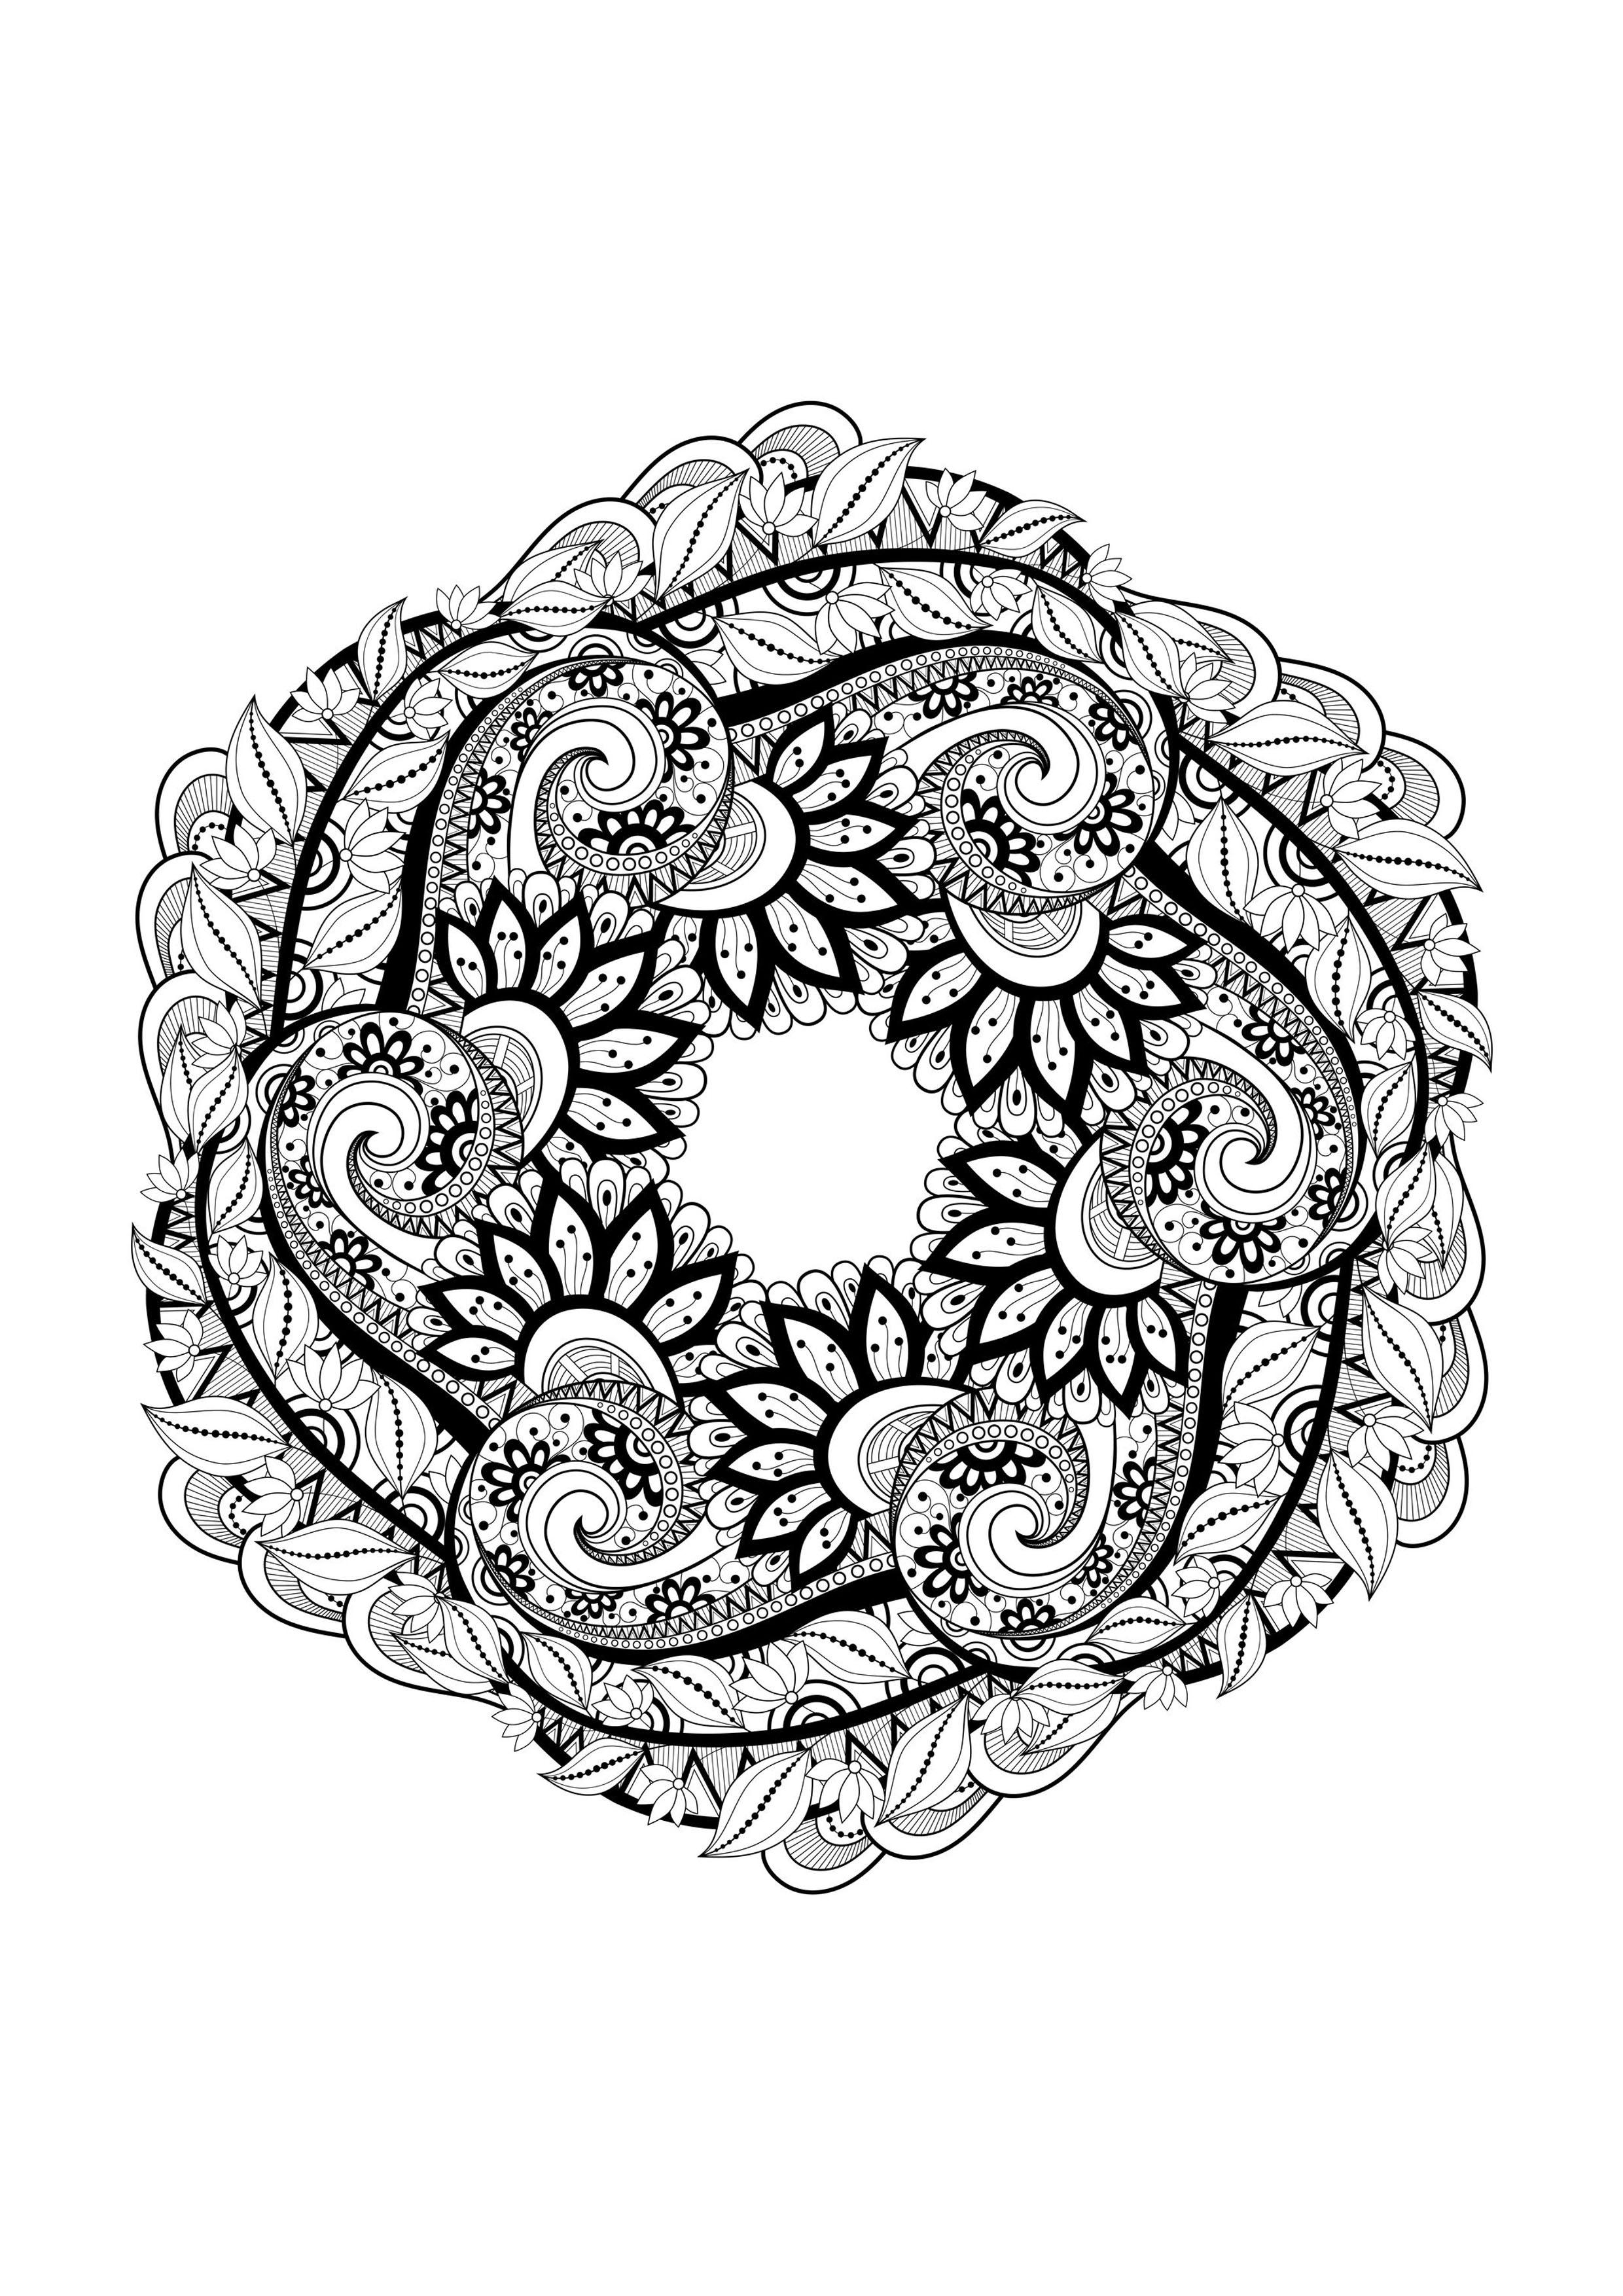 Coloriage Adulte Vegetation.Mandala En Mouvement Mandalas Sur Le Theme Des Fleurs Et